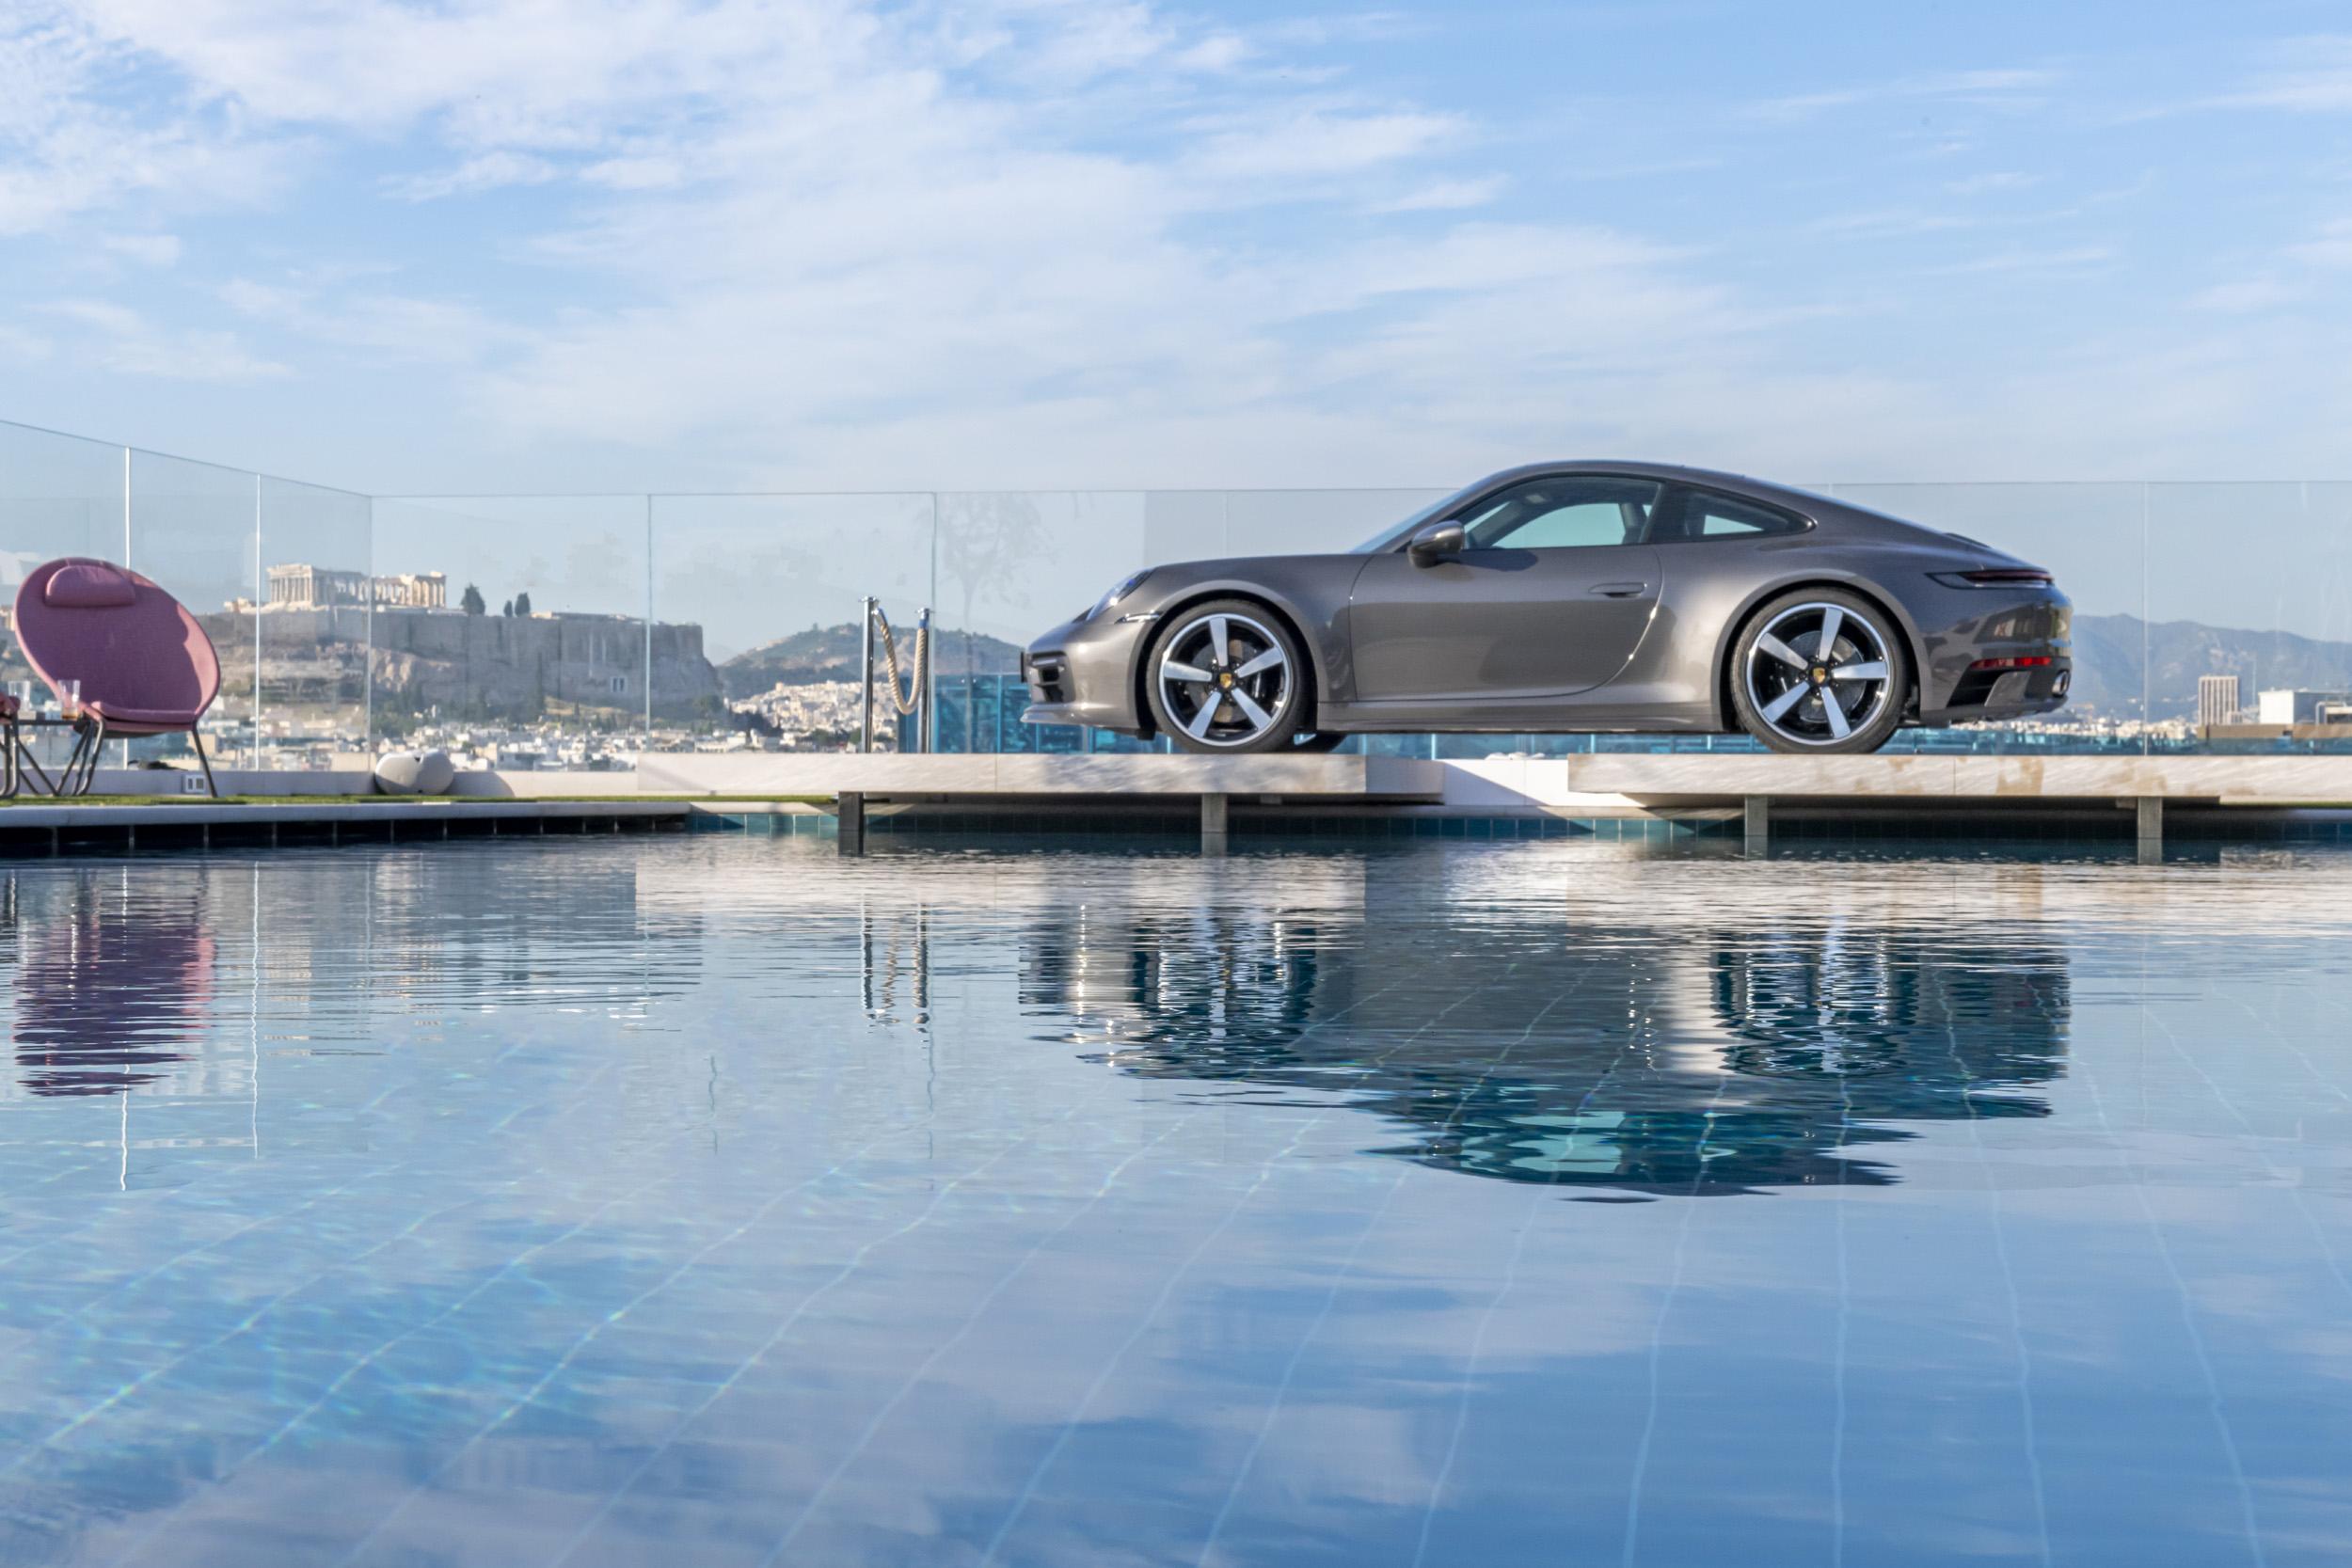 Porsche 911 on Grand Hyatt Hotel - Athens, Greece